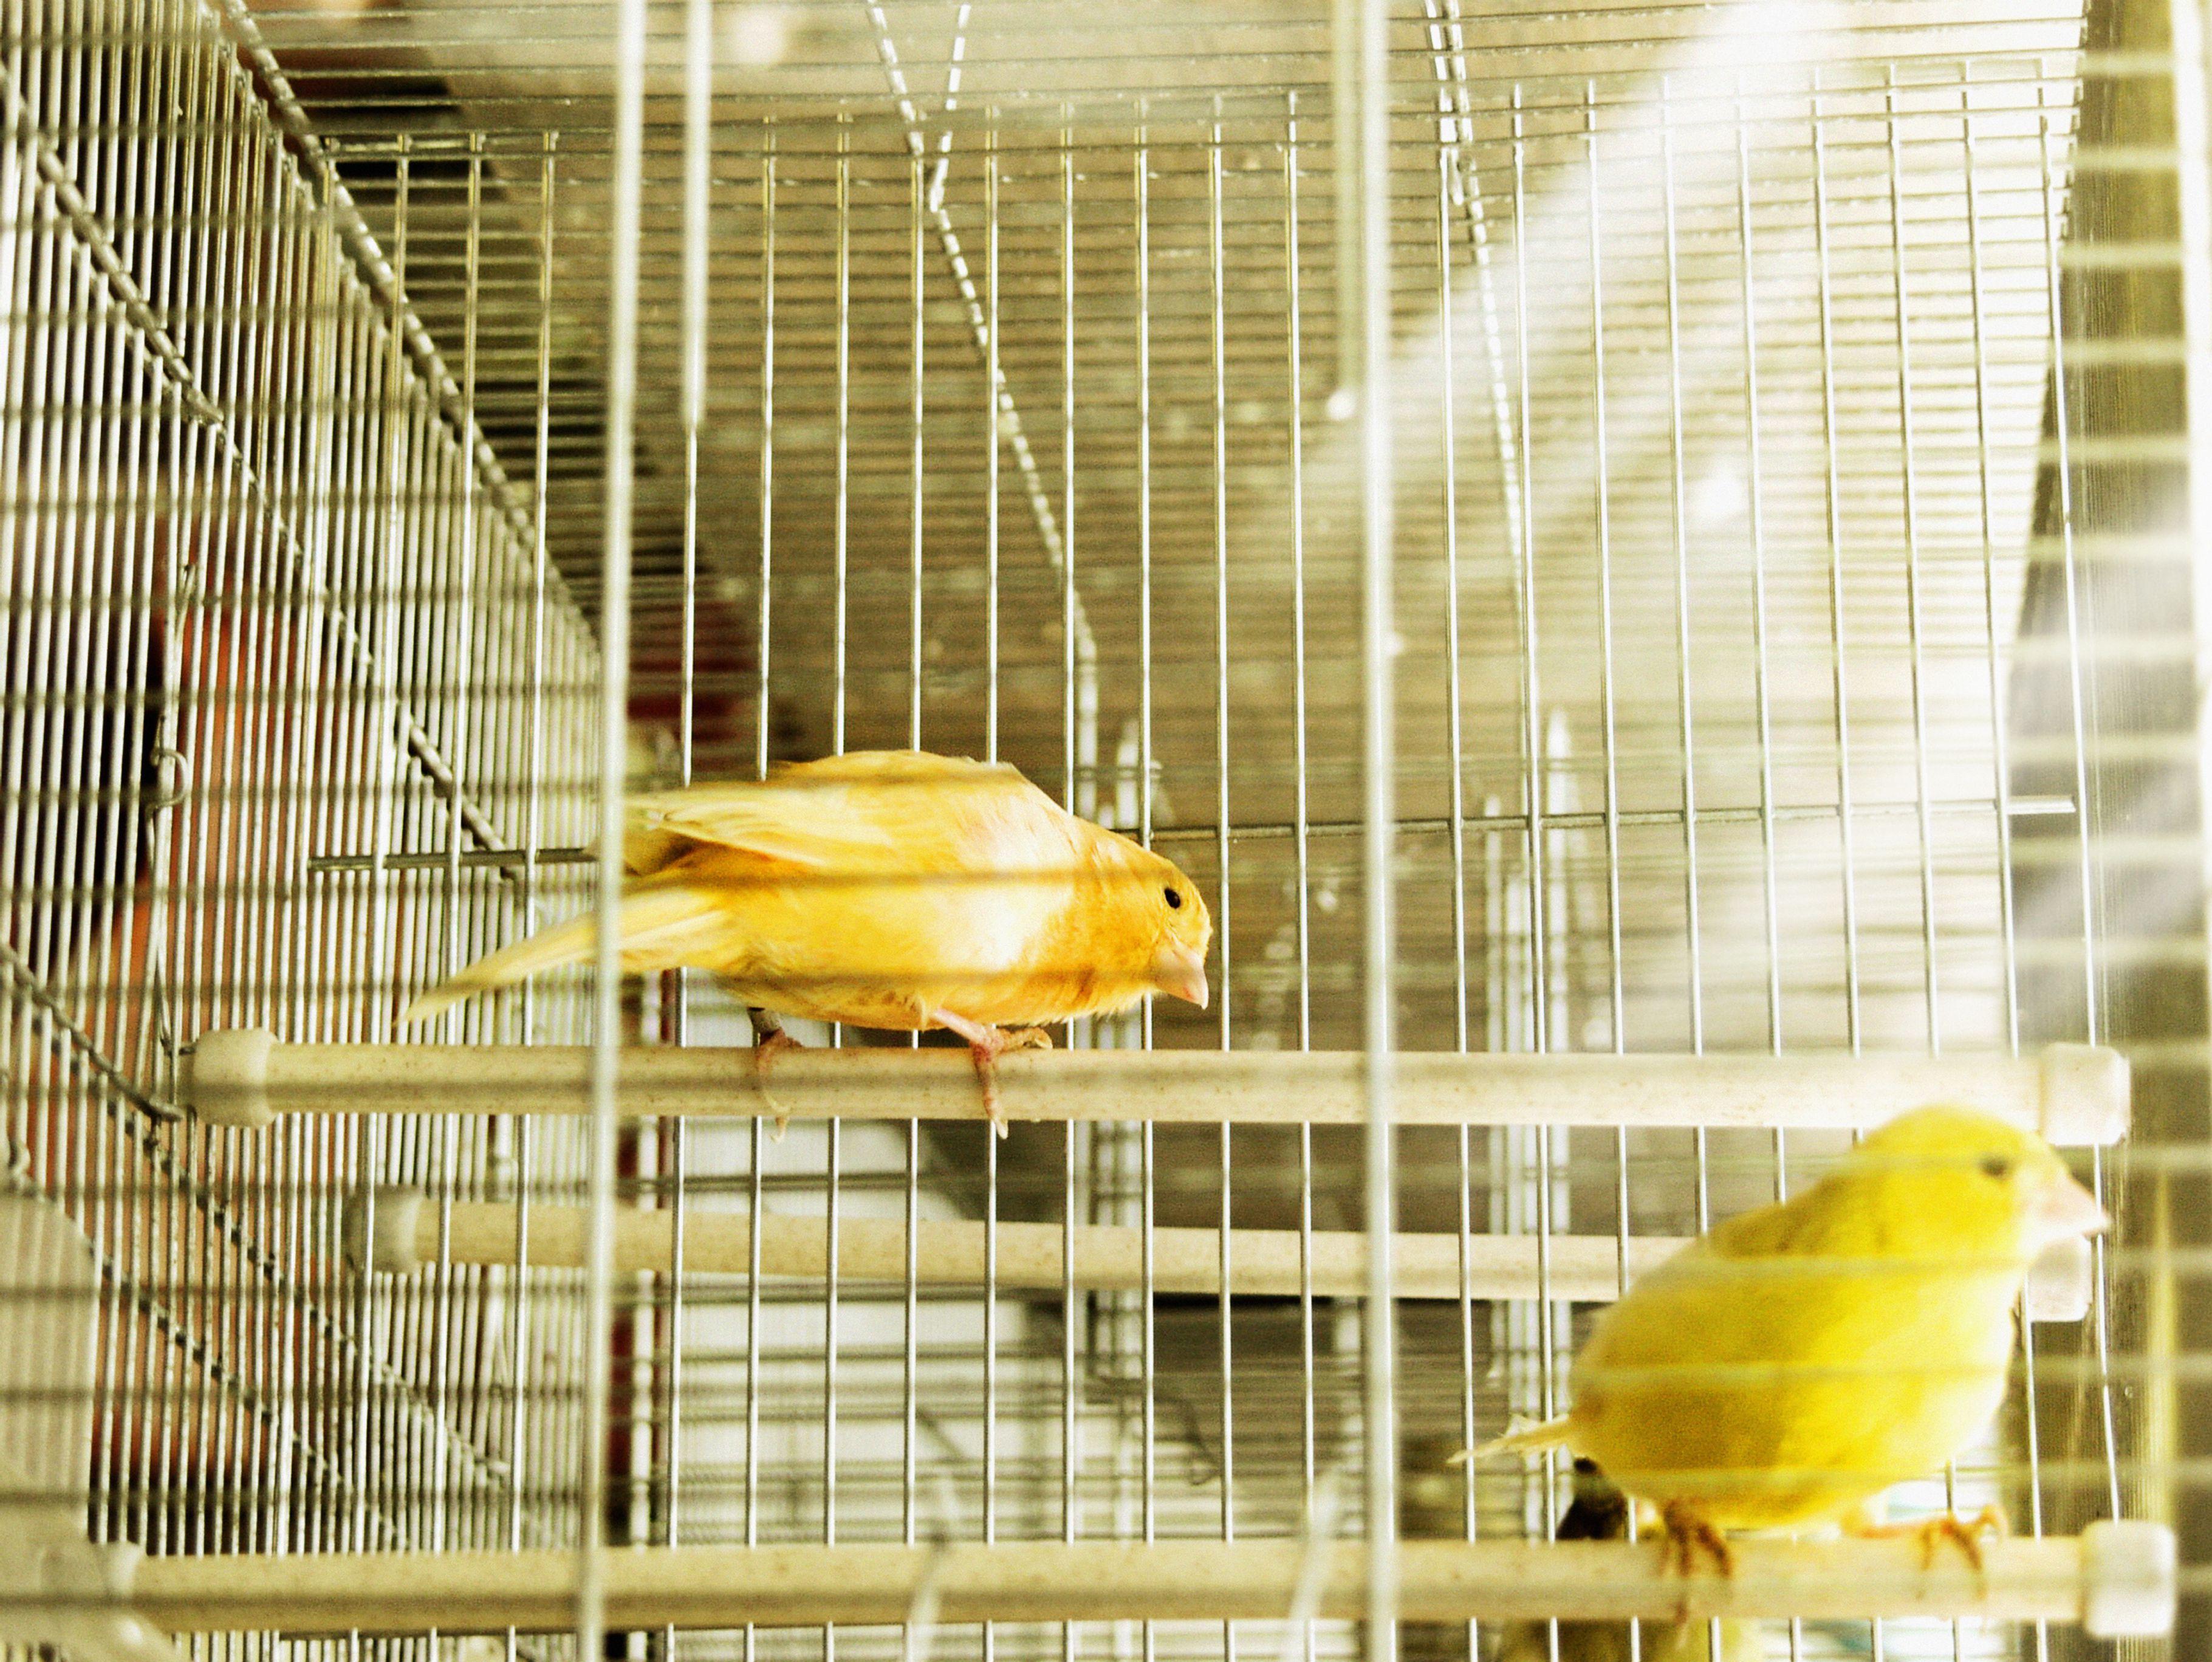 dos canarios amarillos en una jaula